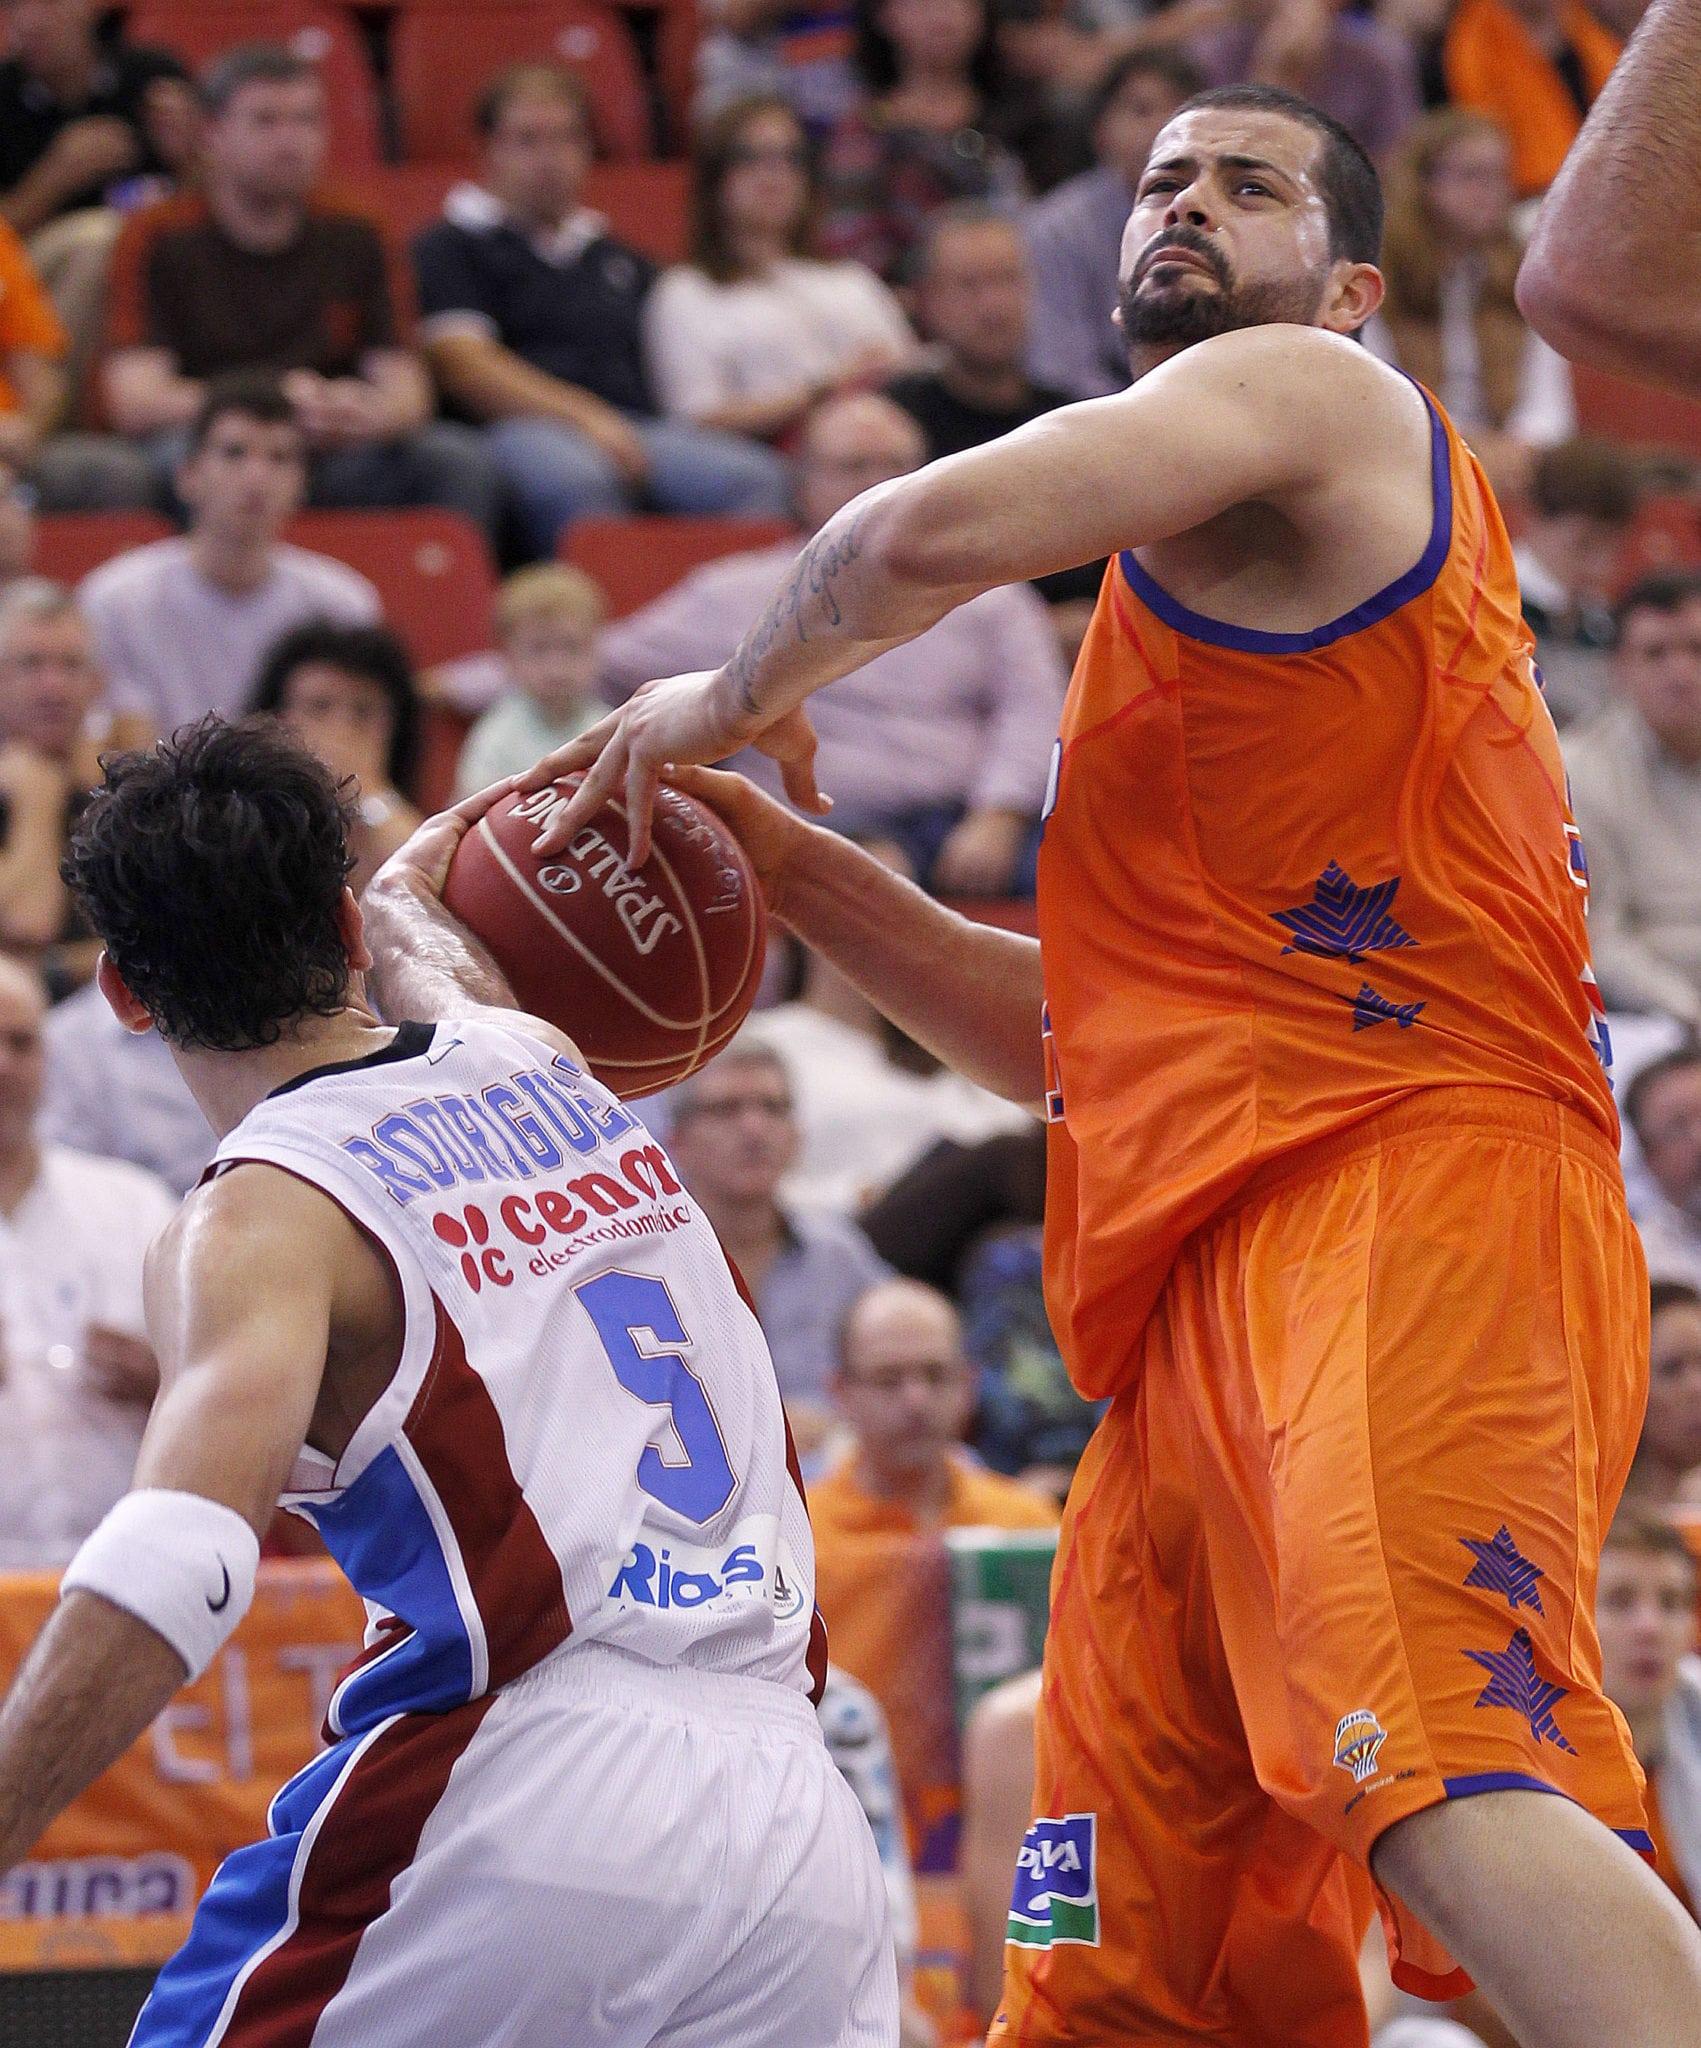 Vistazo al rival, Valencia Basket: un inicio impecable